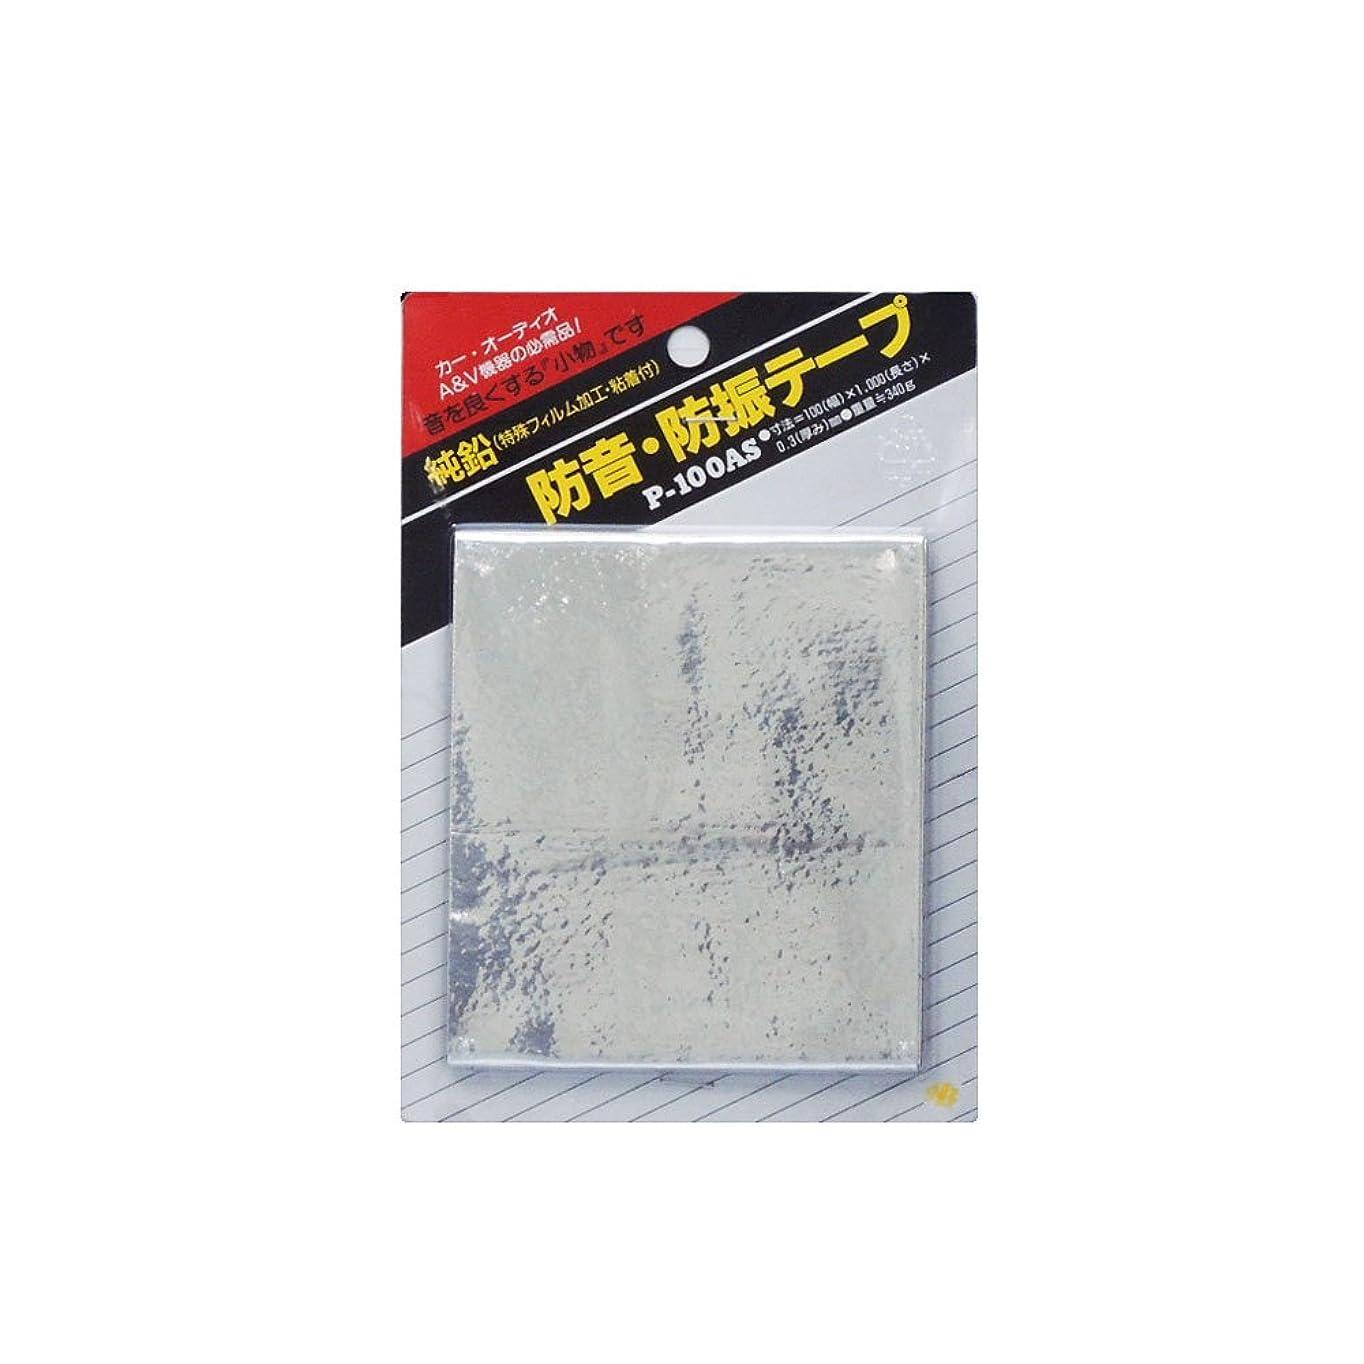 勤勉性格エクステント東京防音 制振防音テープ P-100AS 幅100mm×長1M×厚0.3mm 1本入